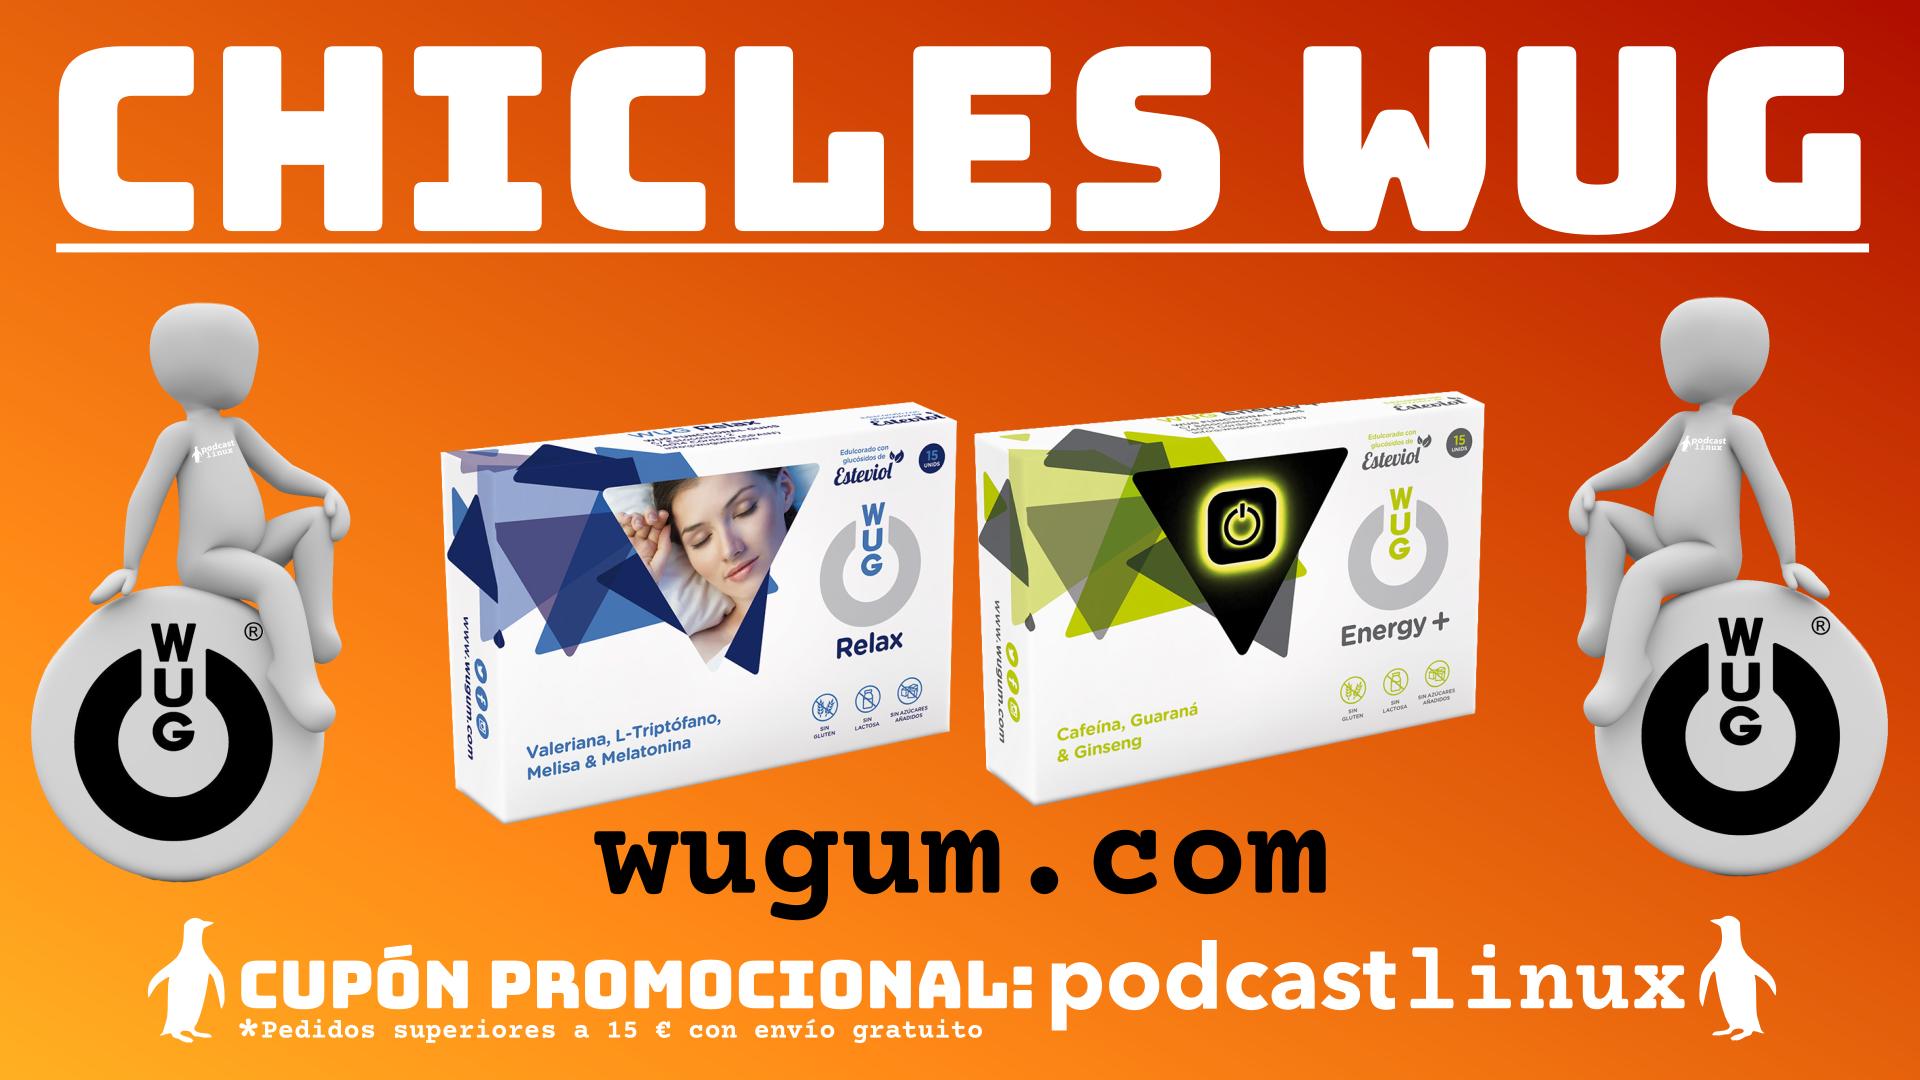 Chicles funcionales WUG